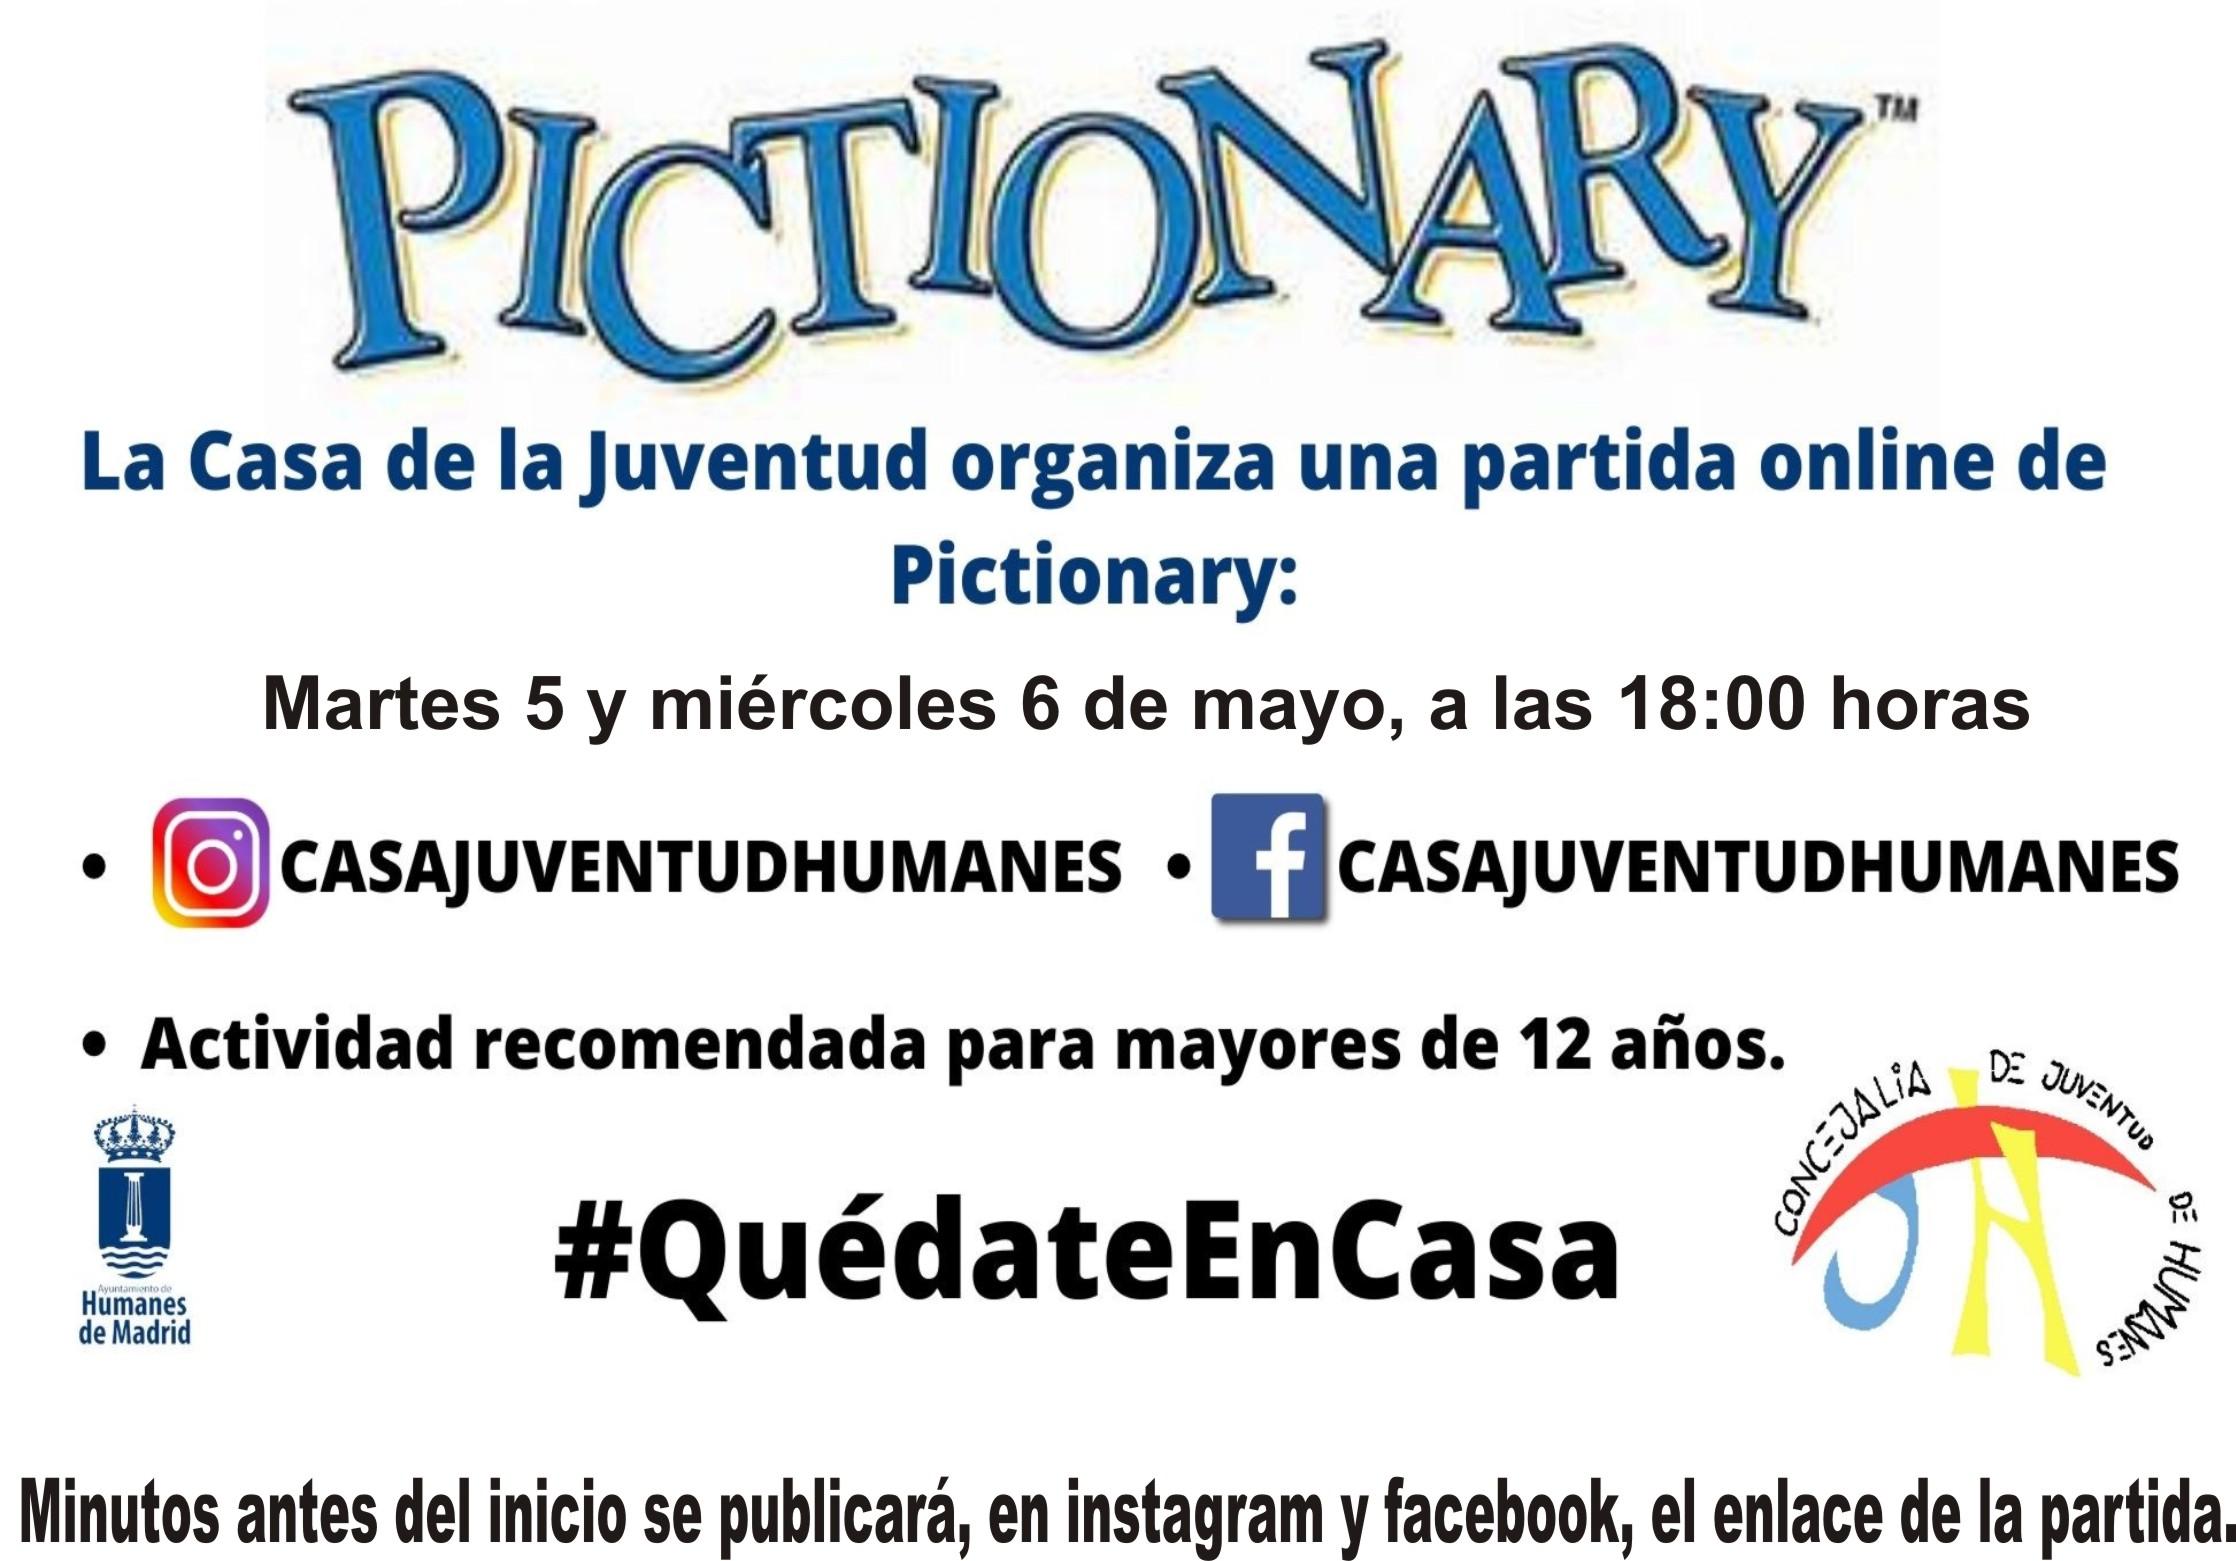 La Concejalía de Juventud te invita a una partida online de Pictionary